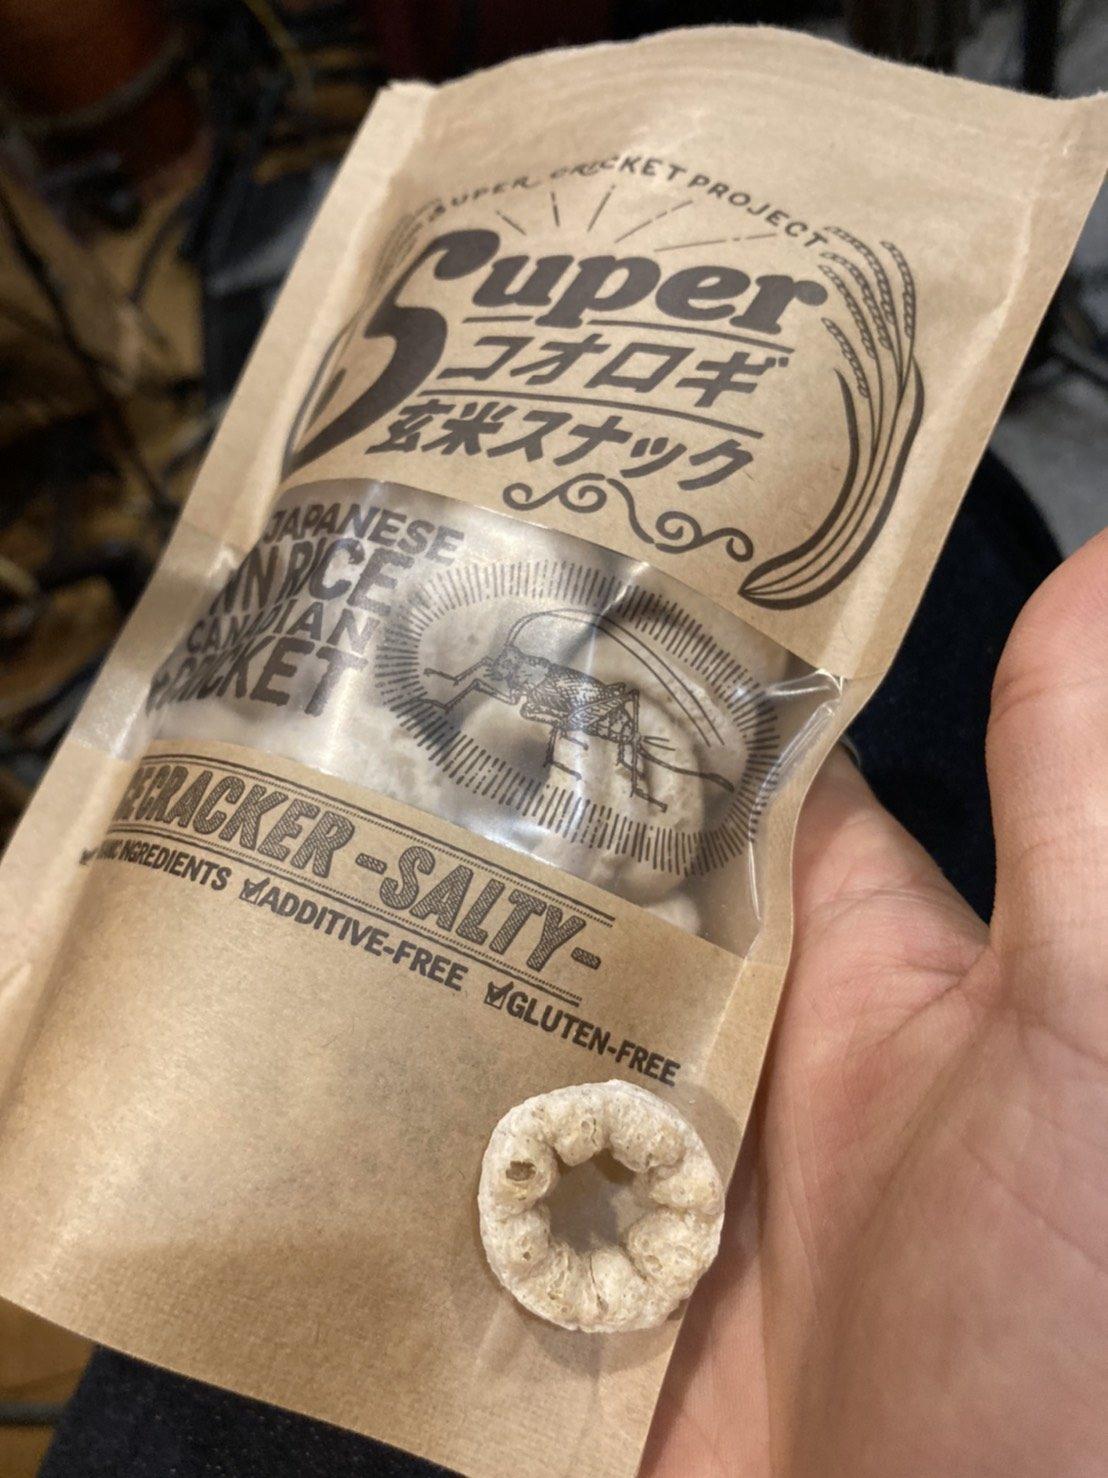 スーパーコオロギ玄米スナック(1)